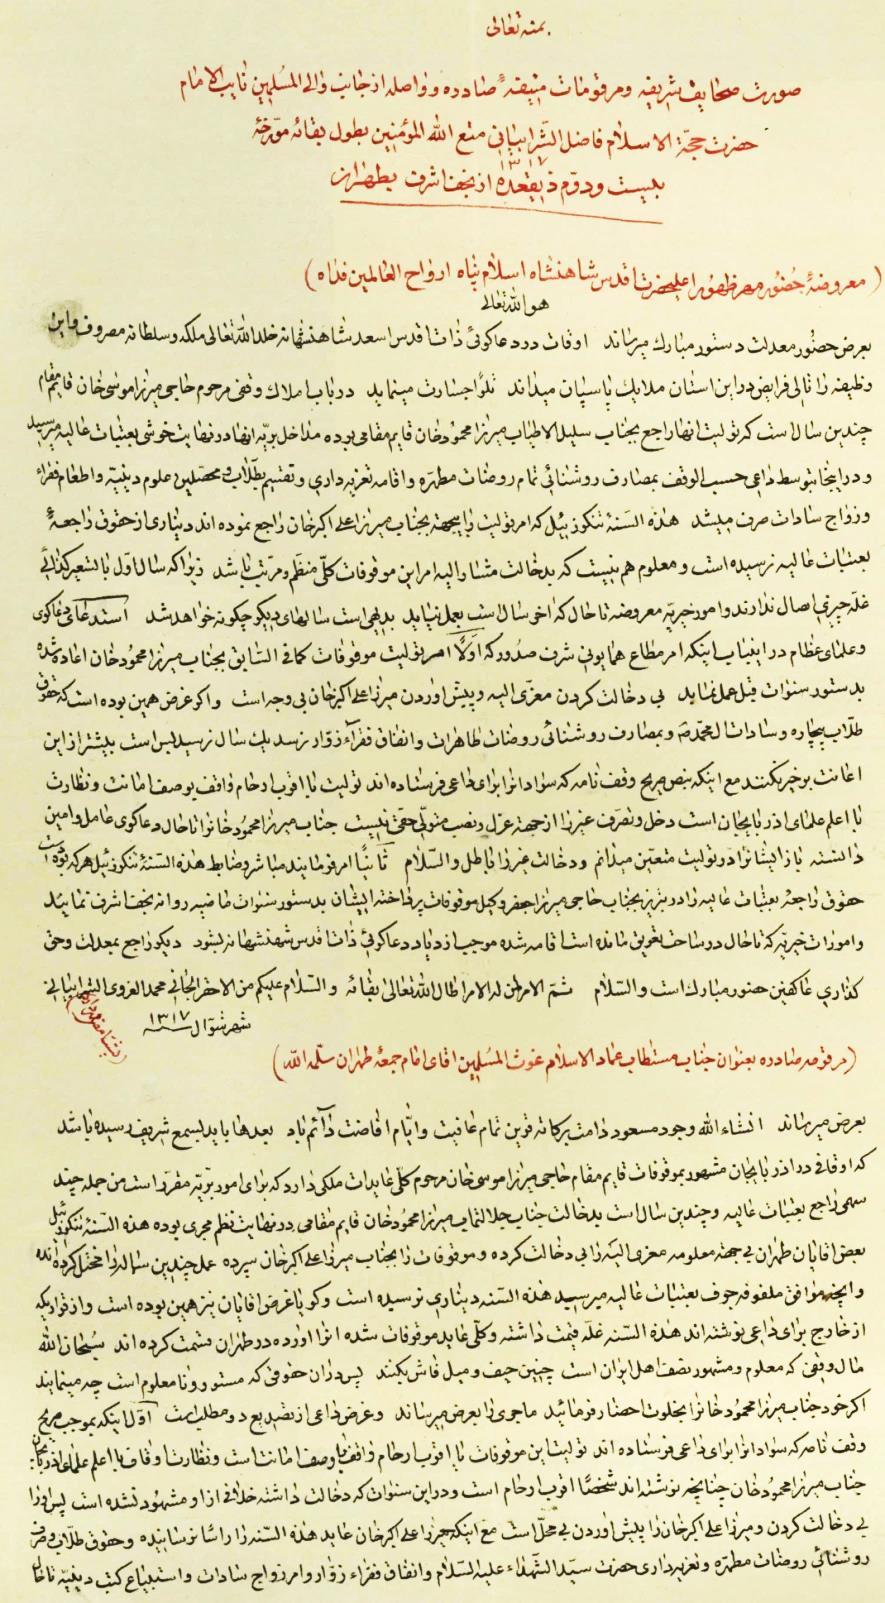 دو نامه اعتراضی مرحوم شربیانی به مظفرالدین شاه و امام جمعه تهران در باره یک موقوفه